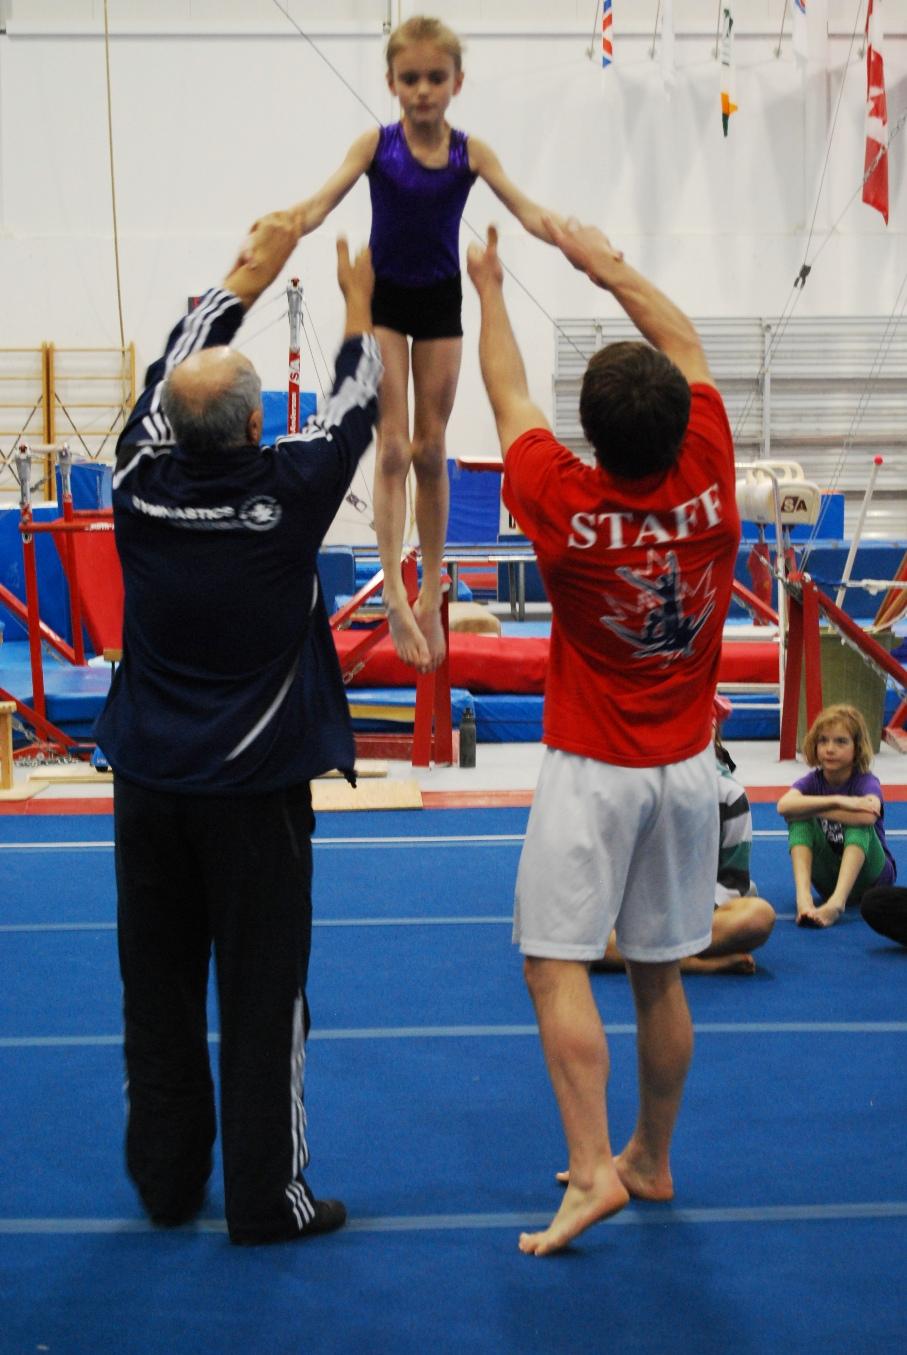 Gymnastics Camp Gymnastics Training Camp